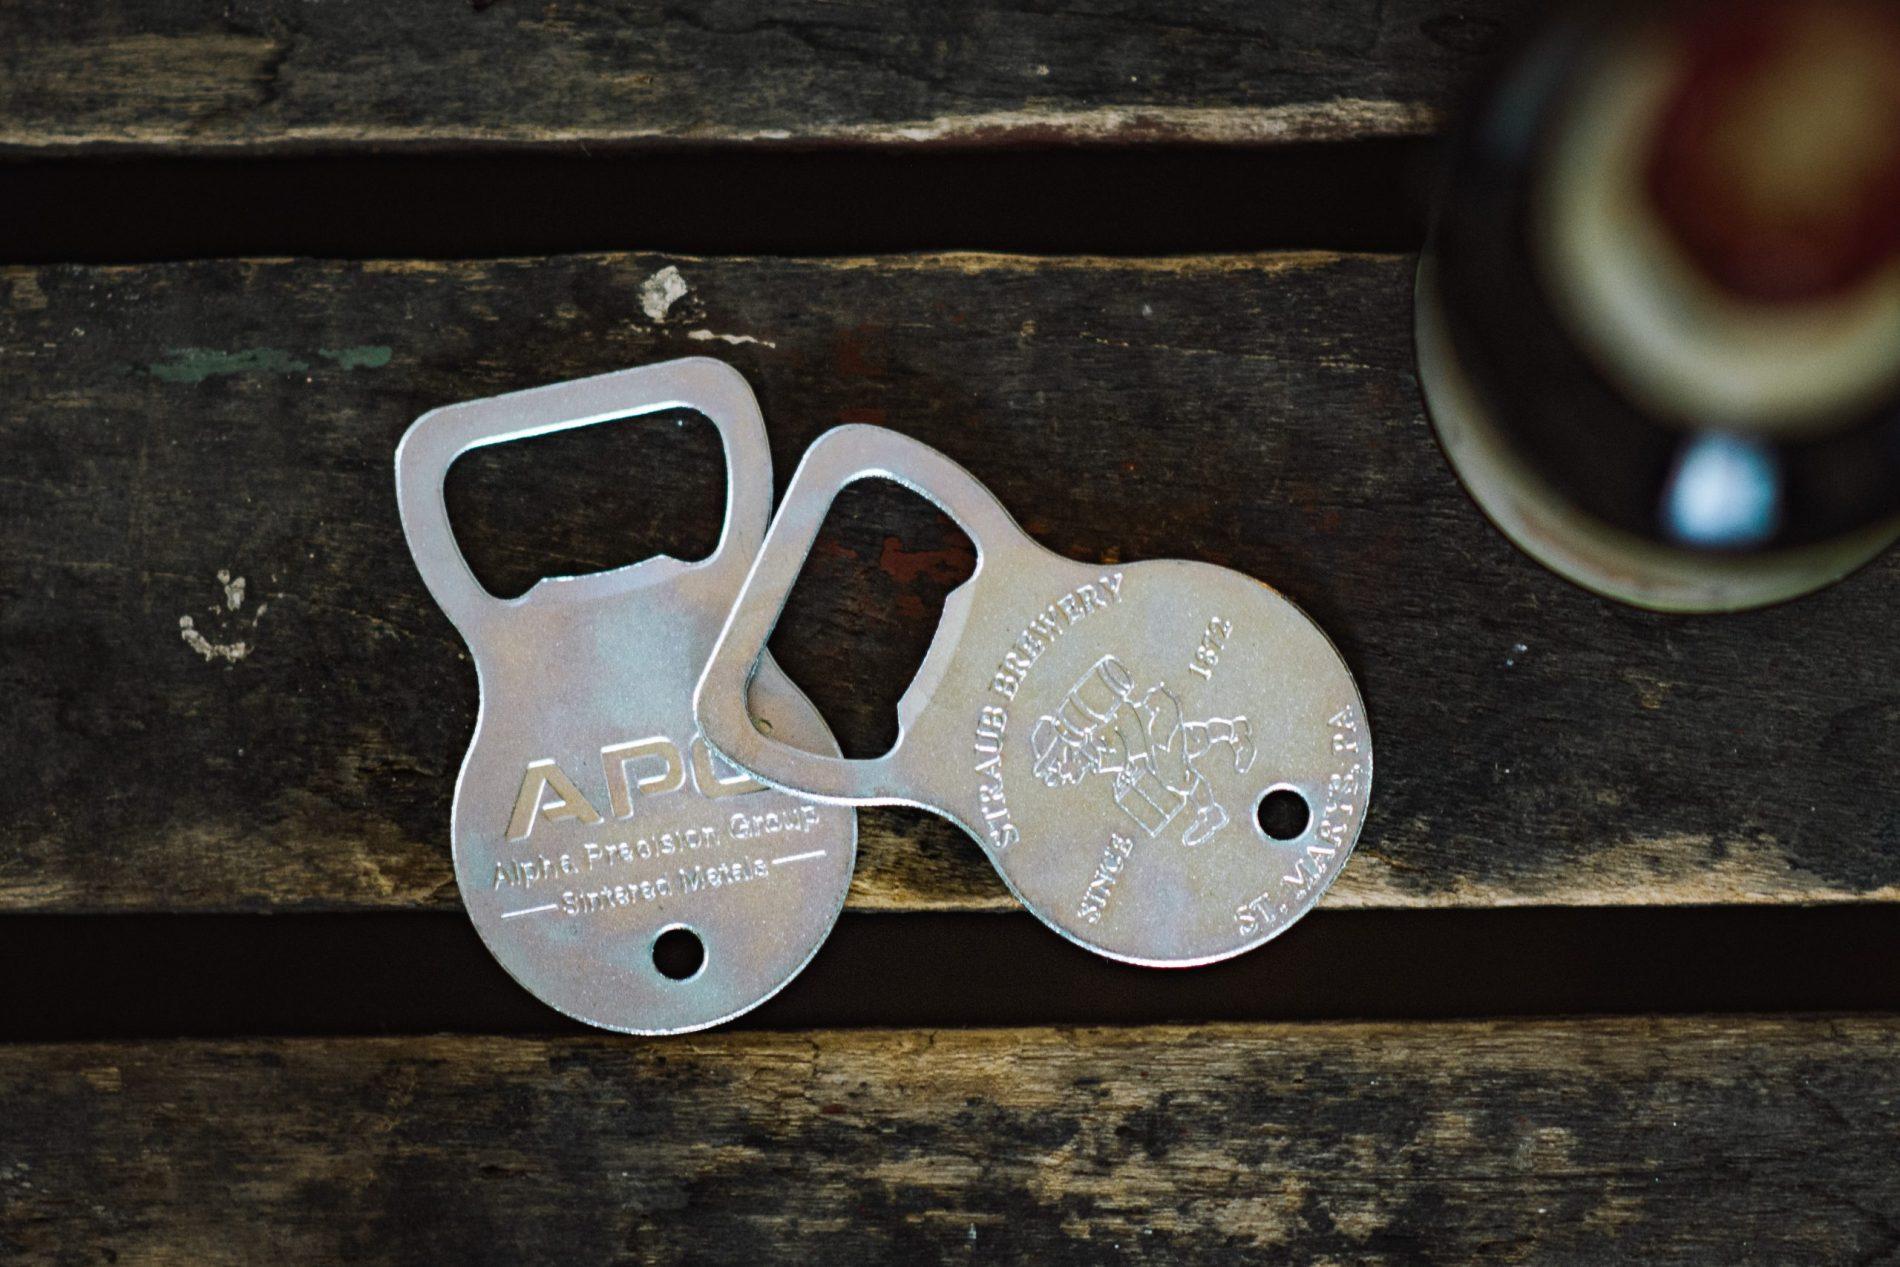 Straub bottom opener keychain